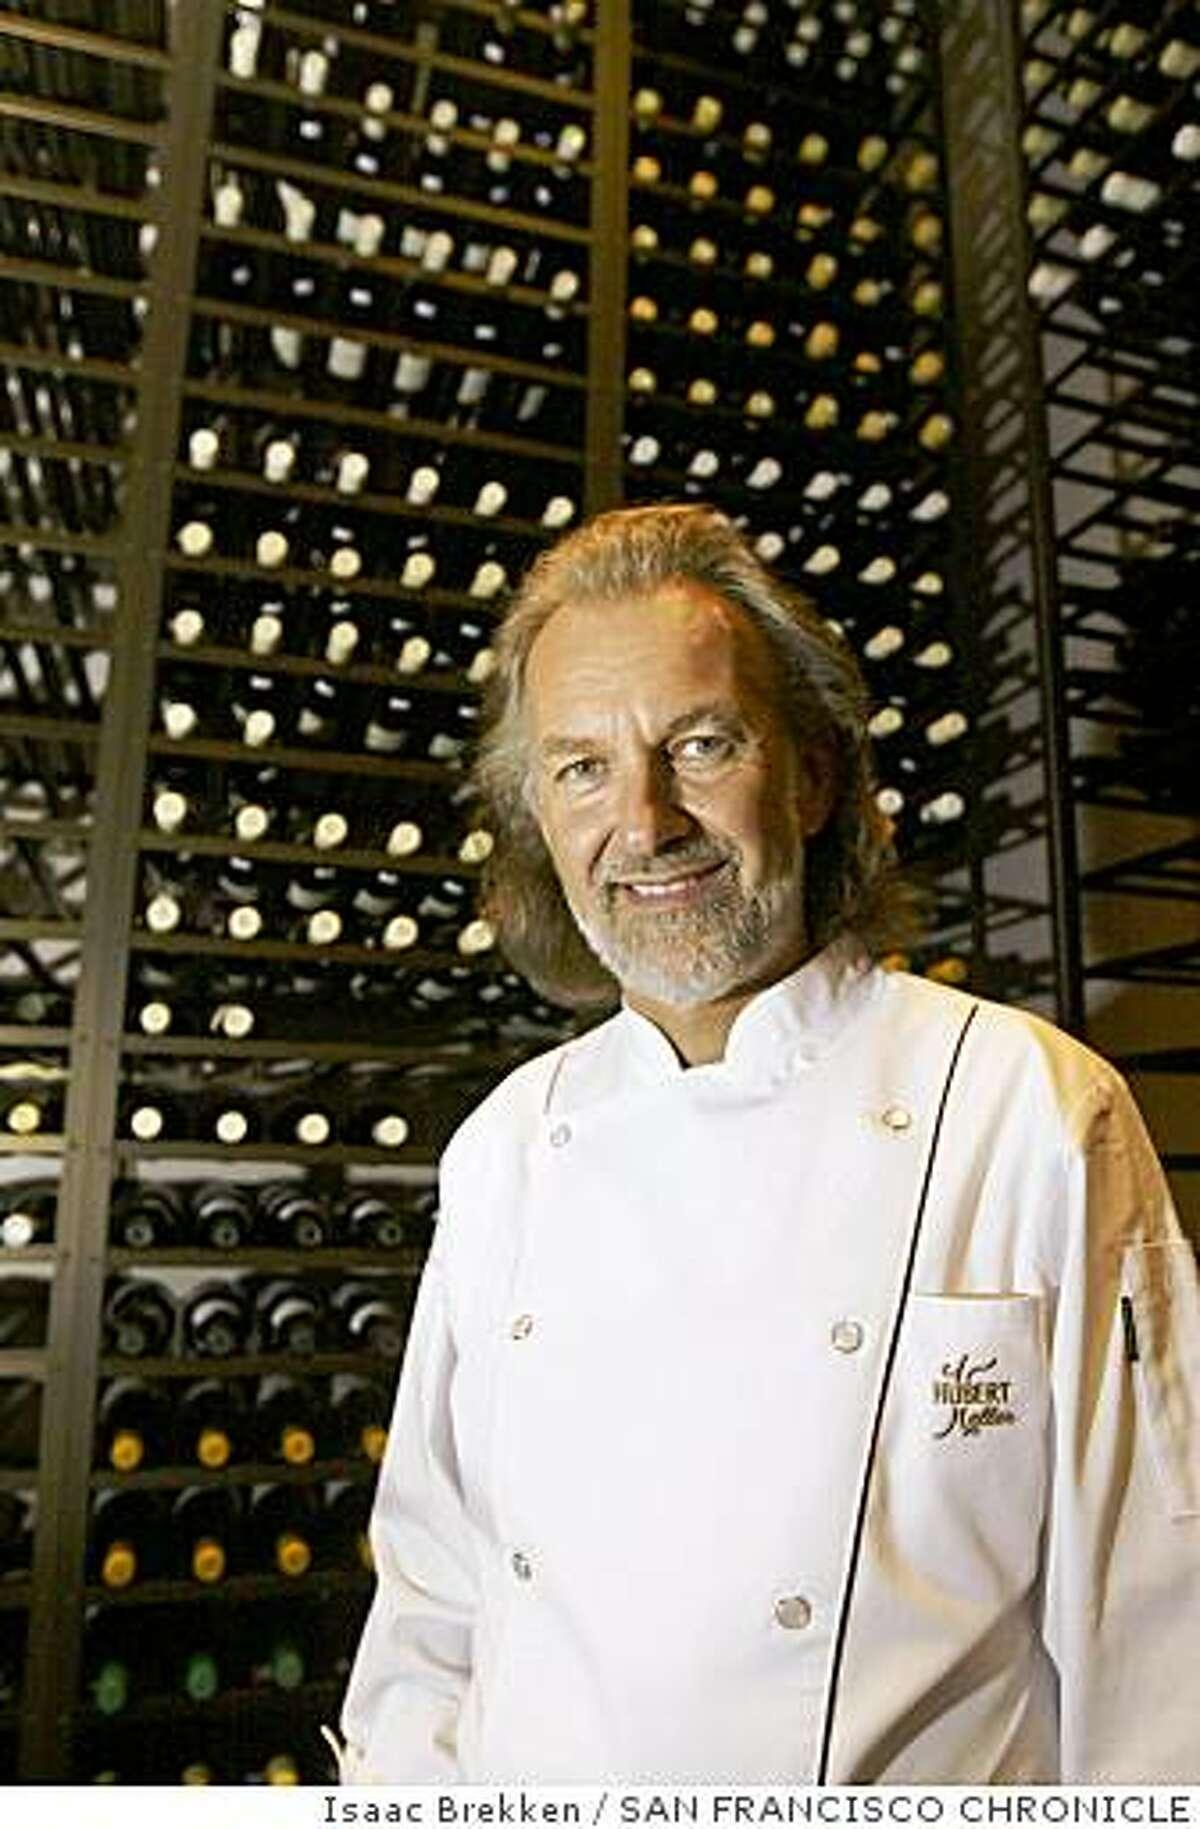 Chef Hubert Keller at his restaurant Fleur de Lys at Mandalay Bay in Las Vegas in 2005.